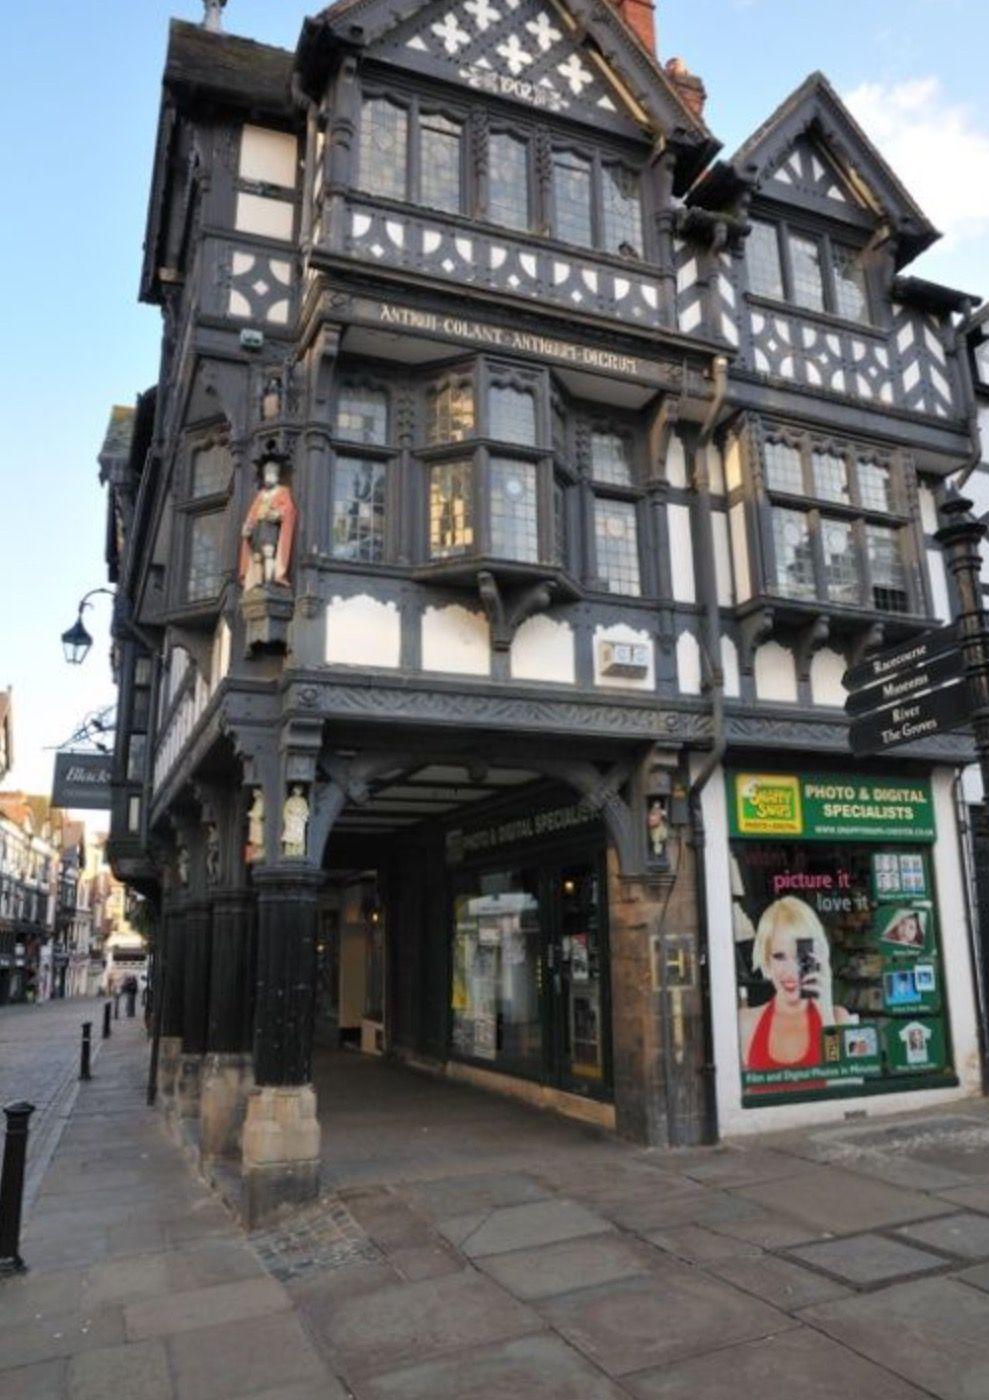 チューダー様式, 英語スタイル, チェスター, 見どころ, イギリス諸島, 復活アーキテクチャ, 英国, 有名な建物, 1階